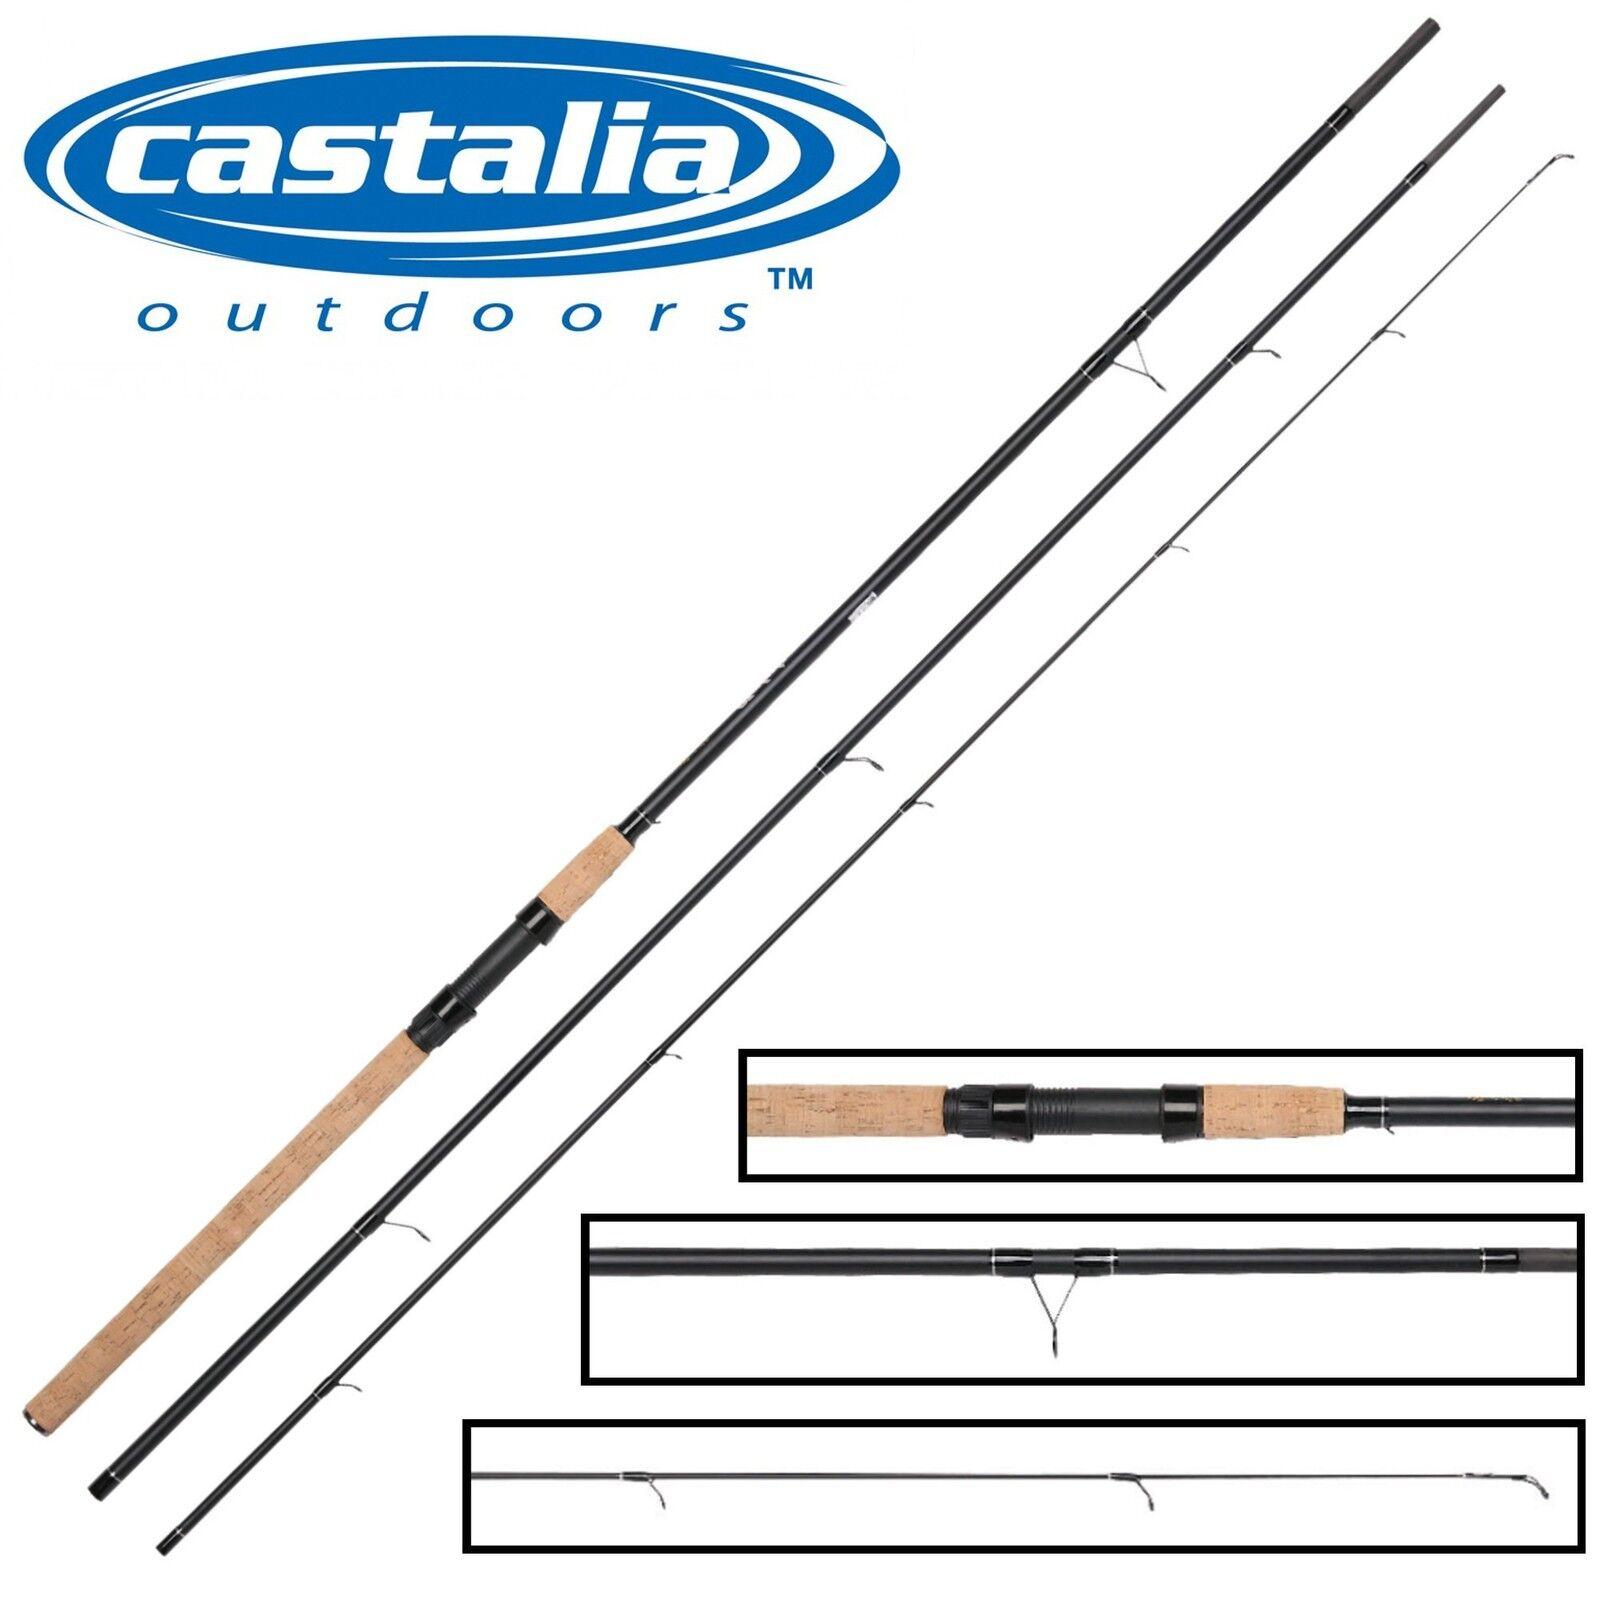 Castalia Match 420cm 5-25g - Matchrute, Stipprute, Friedfischrute, Posenrute